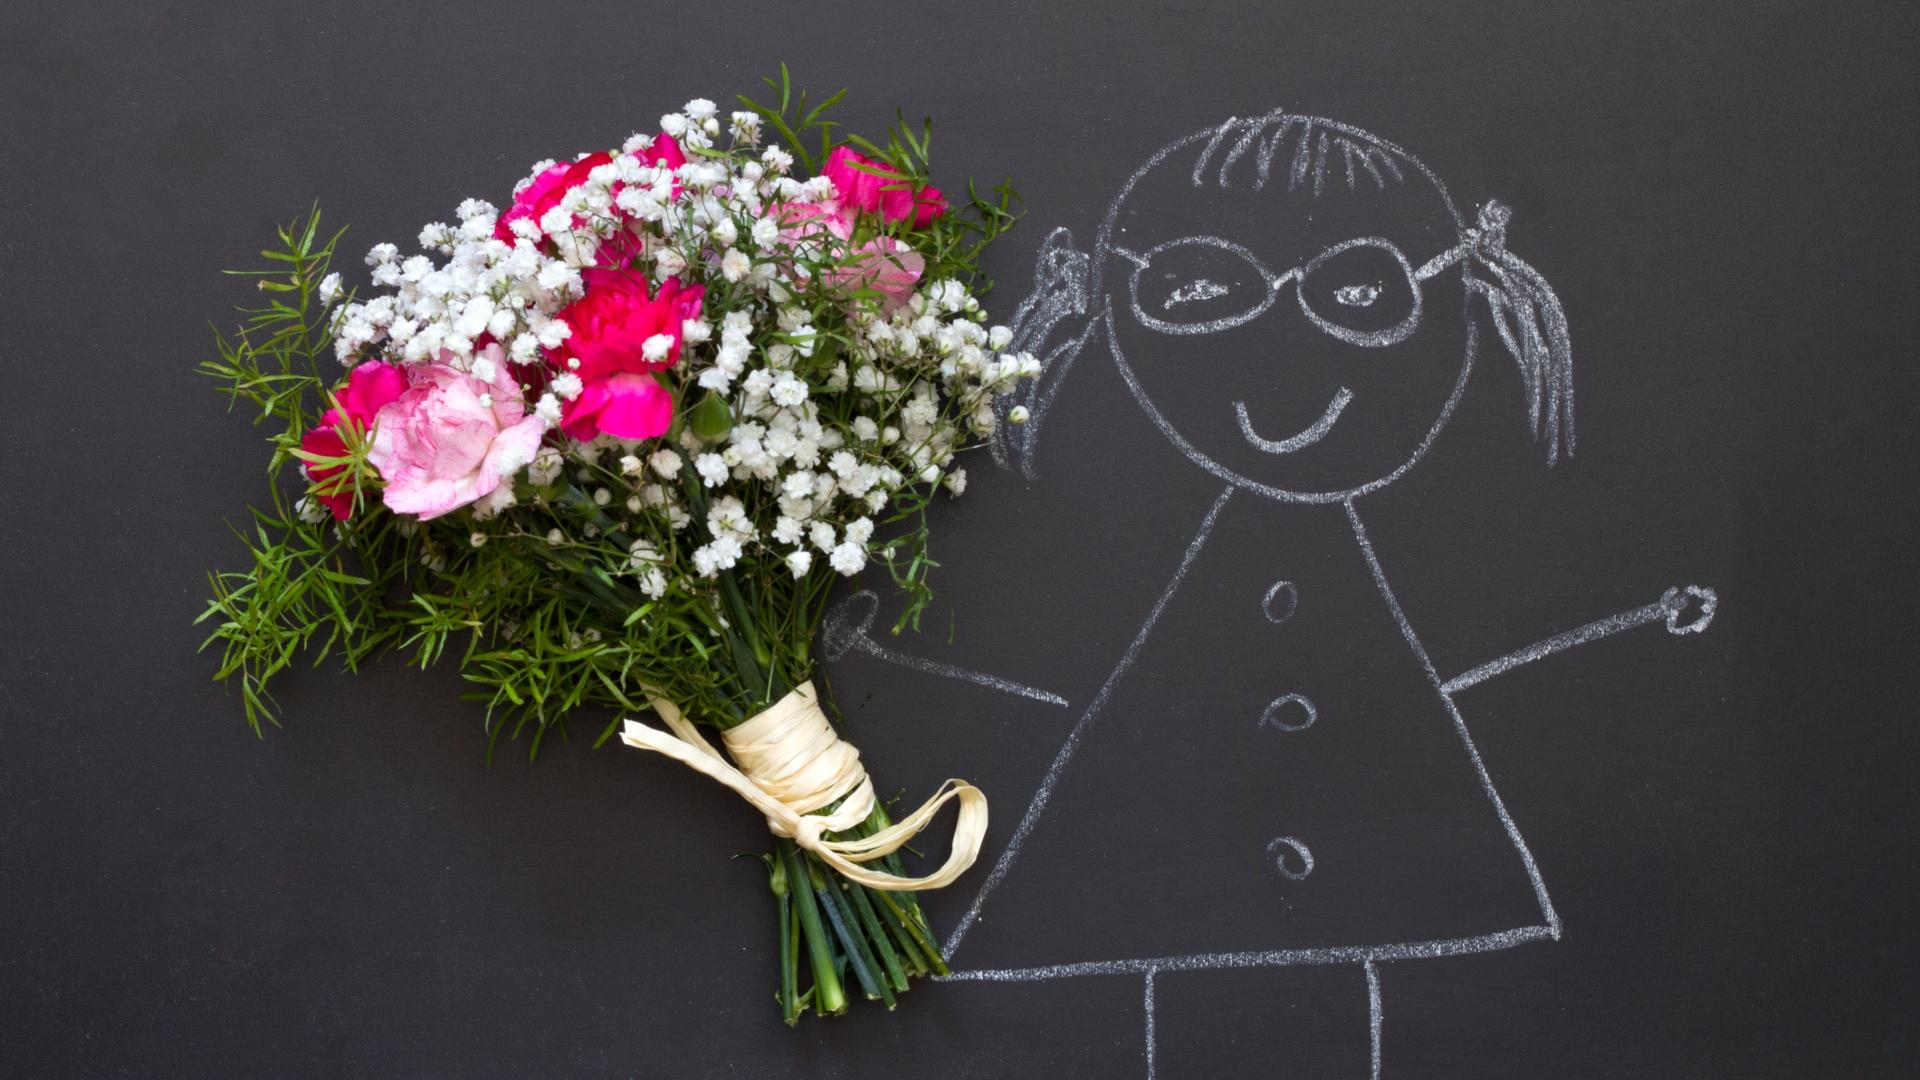 Túlzásba vitt búcsúajándékok a tanítóknak